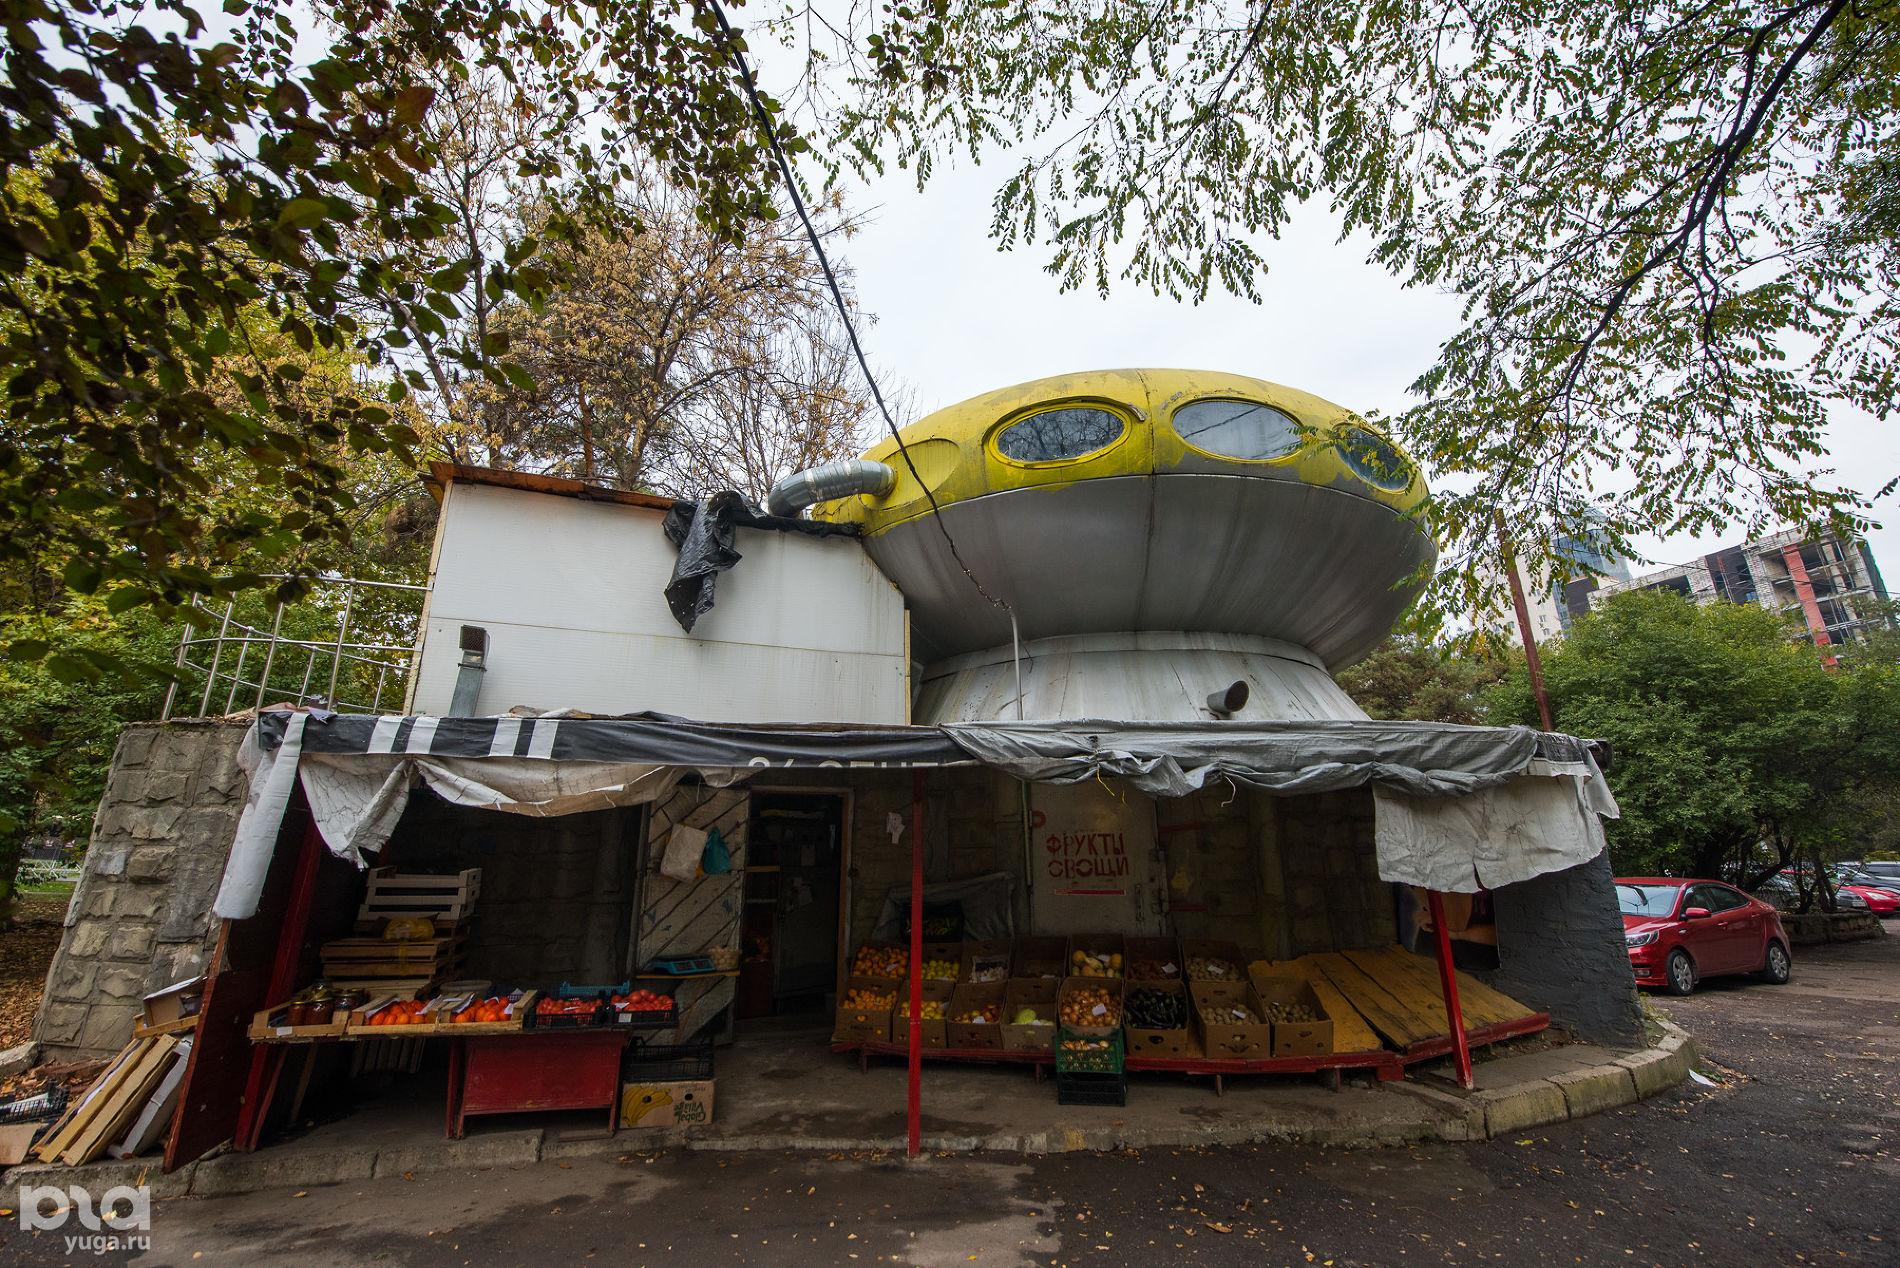 Бывшее кафе «Спутник», Краснодар, улица Атарбекова, 2020 год ©Фото Елены Синеок, Юга.ру